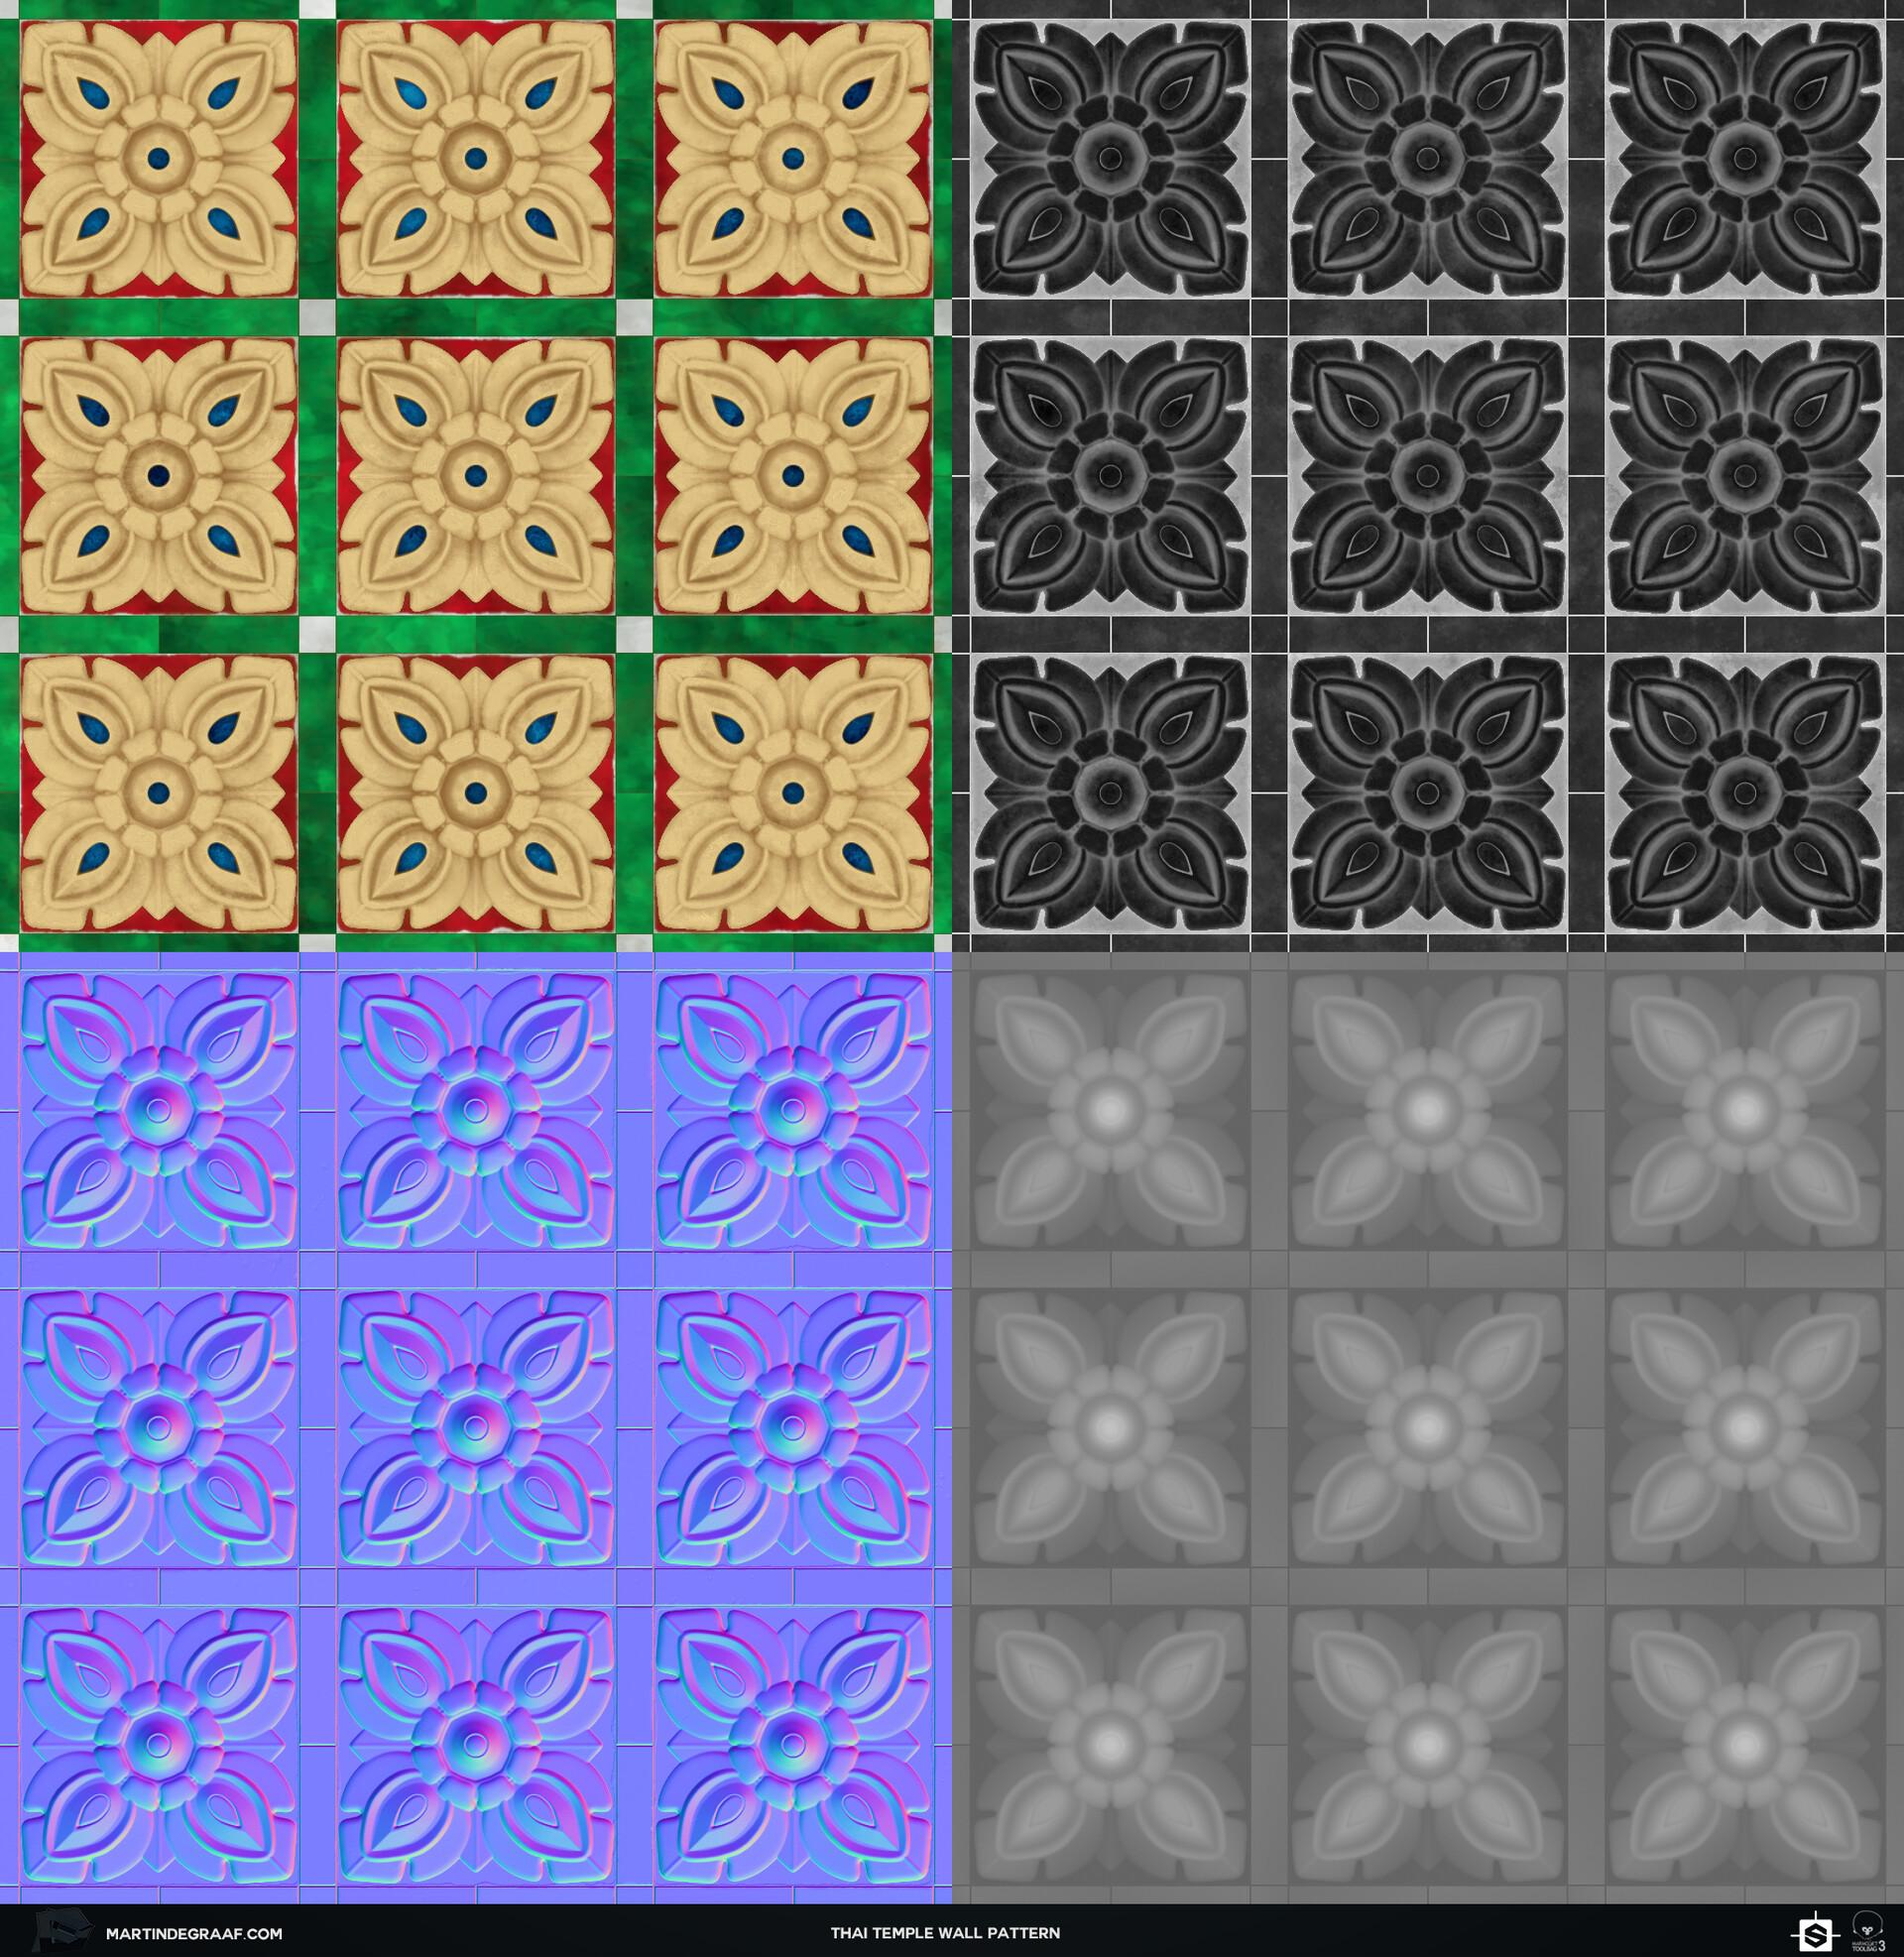 Martin de graaf thai temple wall pattern substance texturesheet martin de graaf 2019